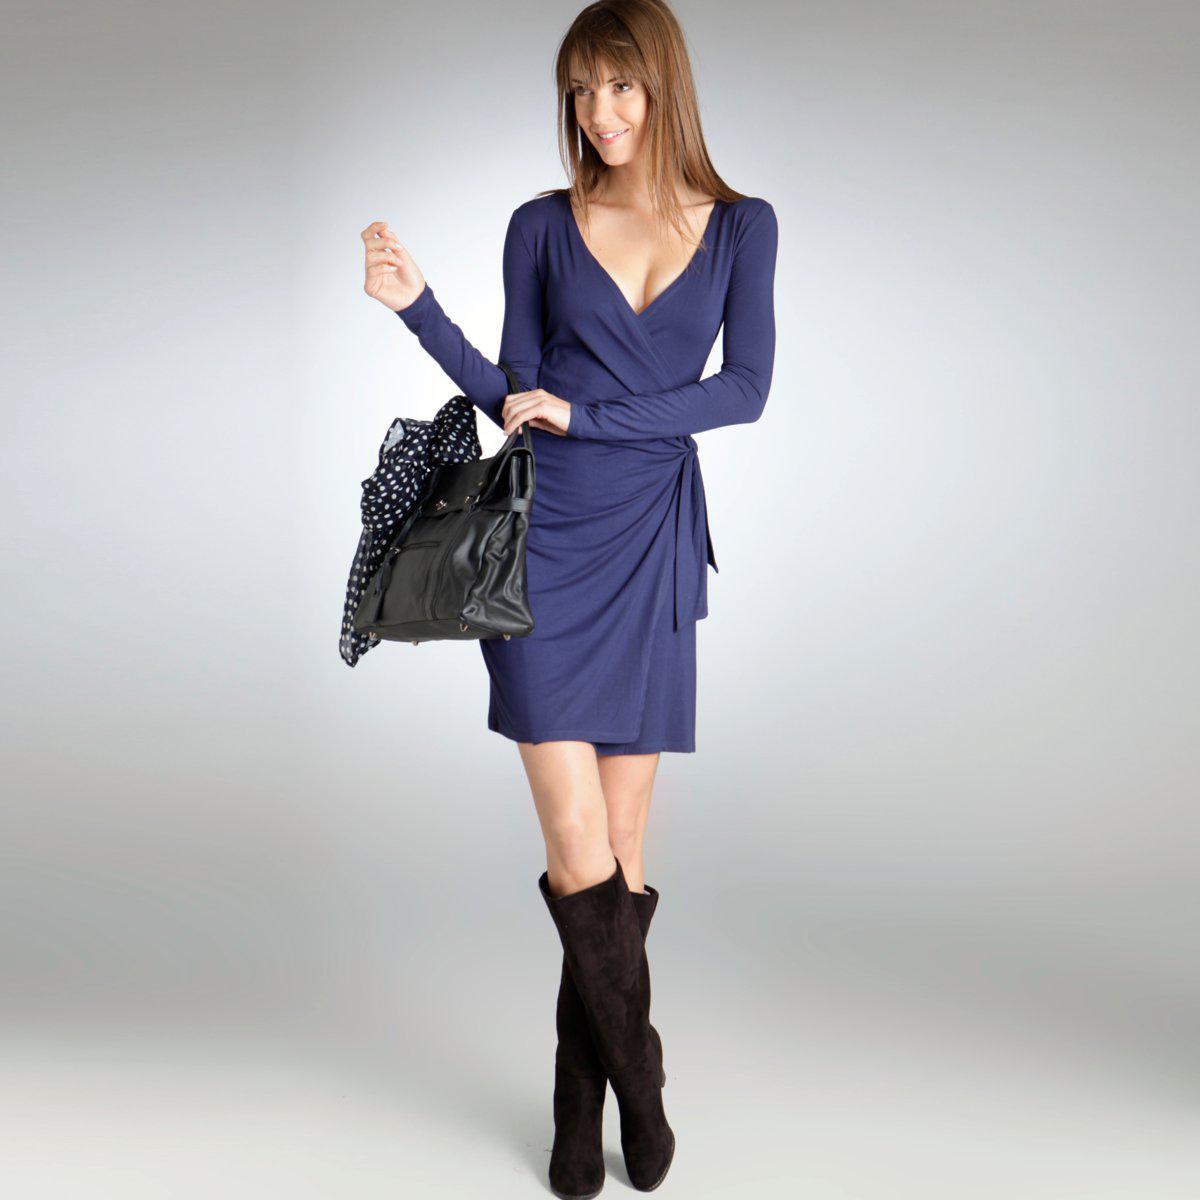 Βραδυνα Φορεματα LaRedoute Φθινόπωρο 2011 Κωδ. 324212934 0119fc3f7a9